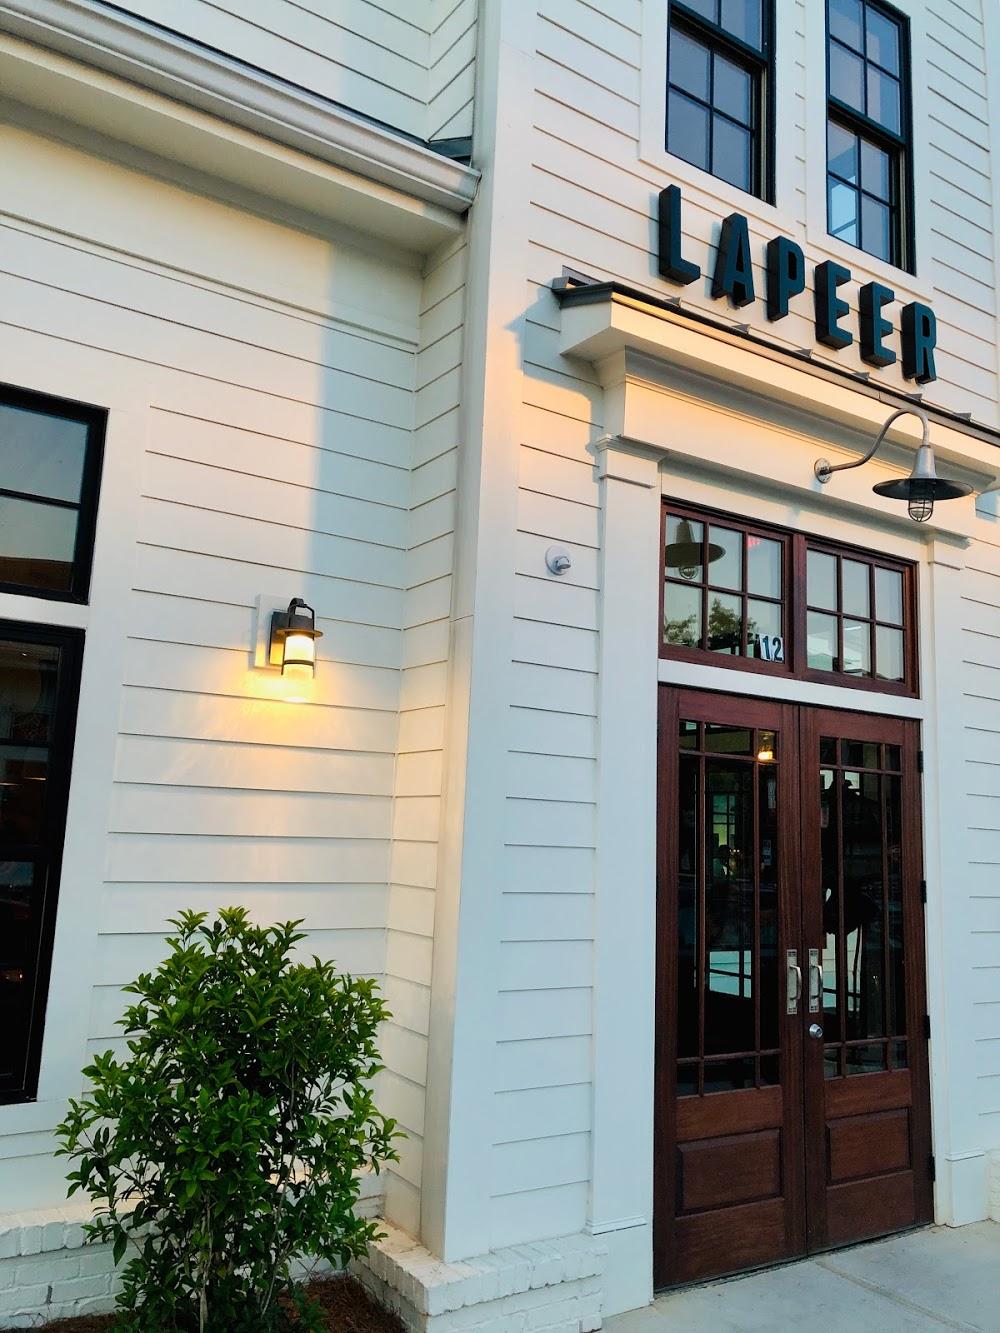 Lapeer Seafood Market